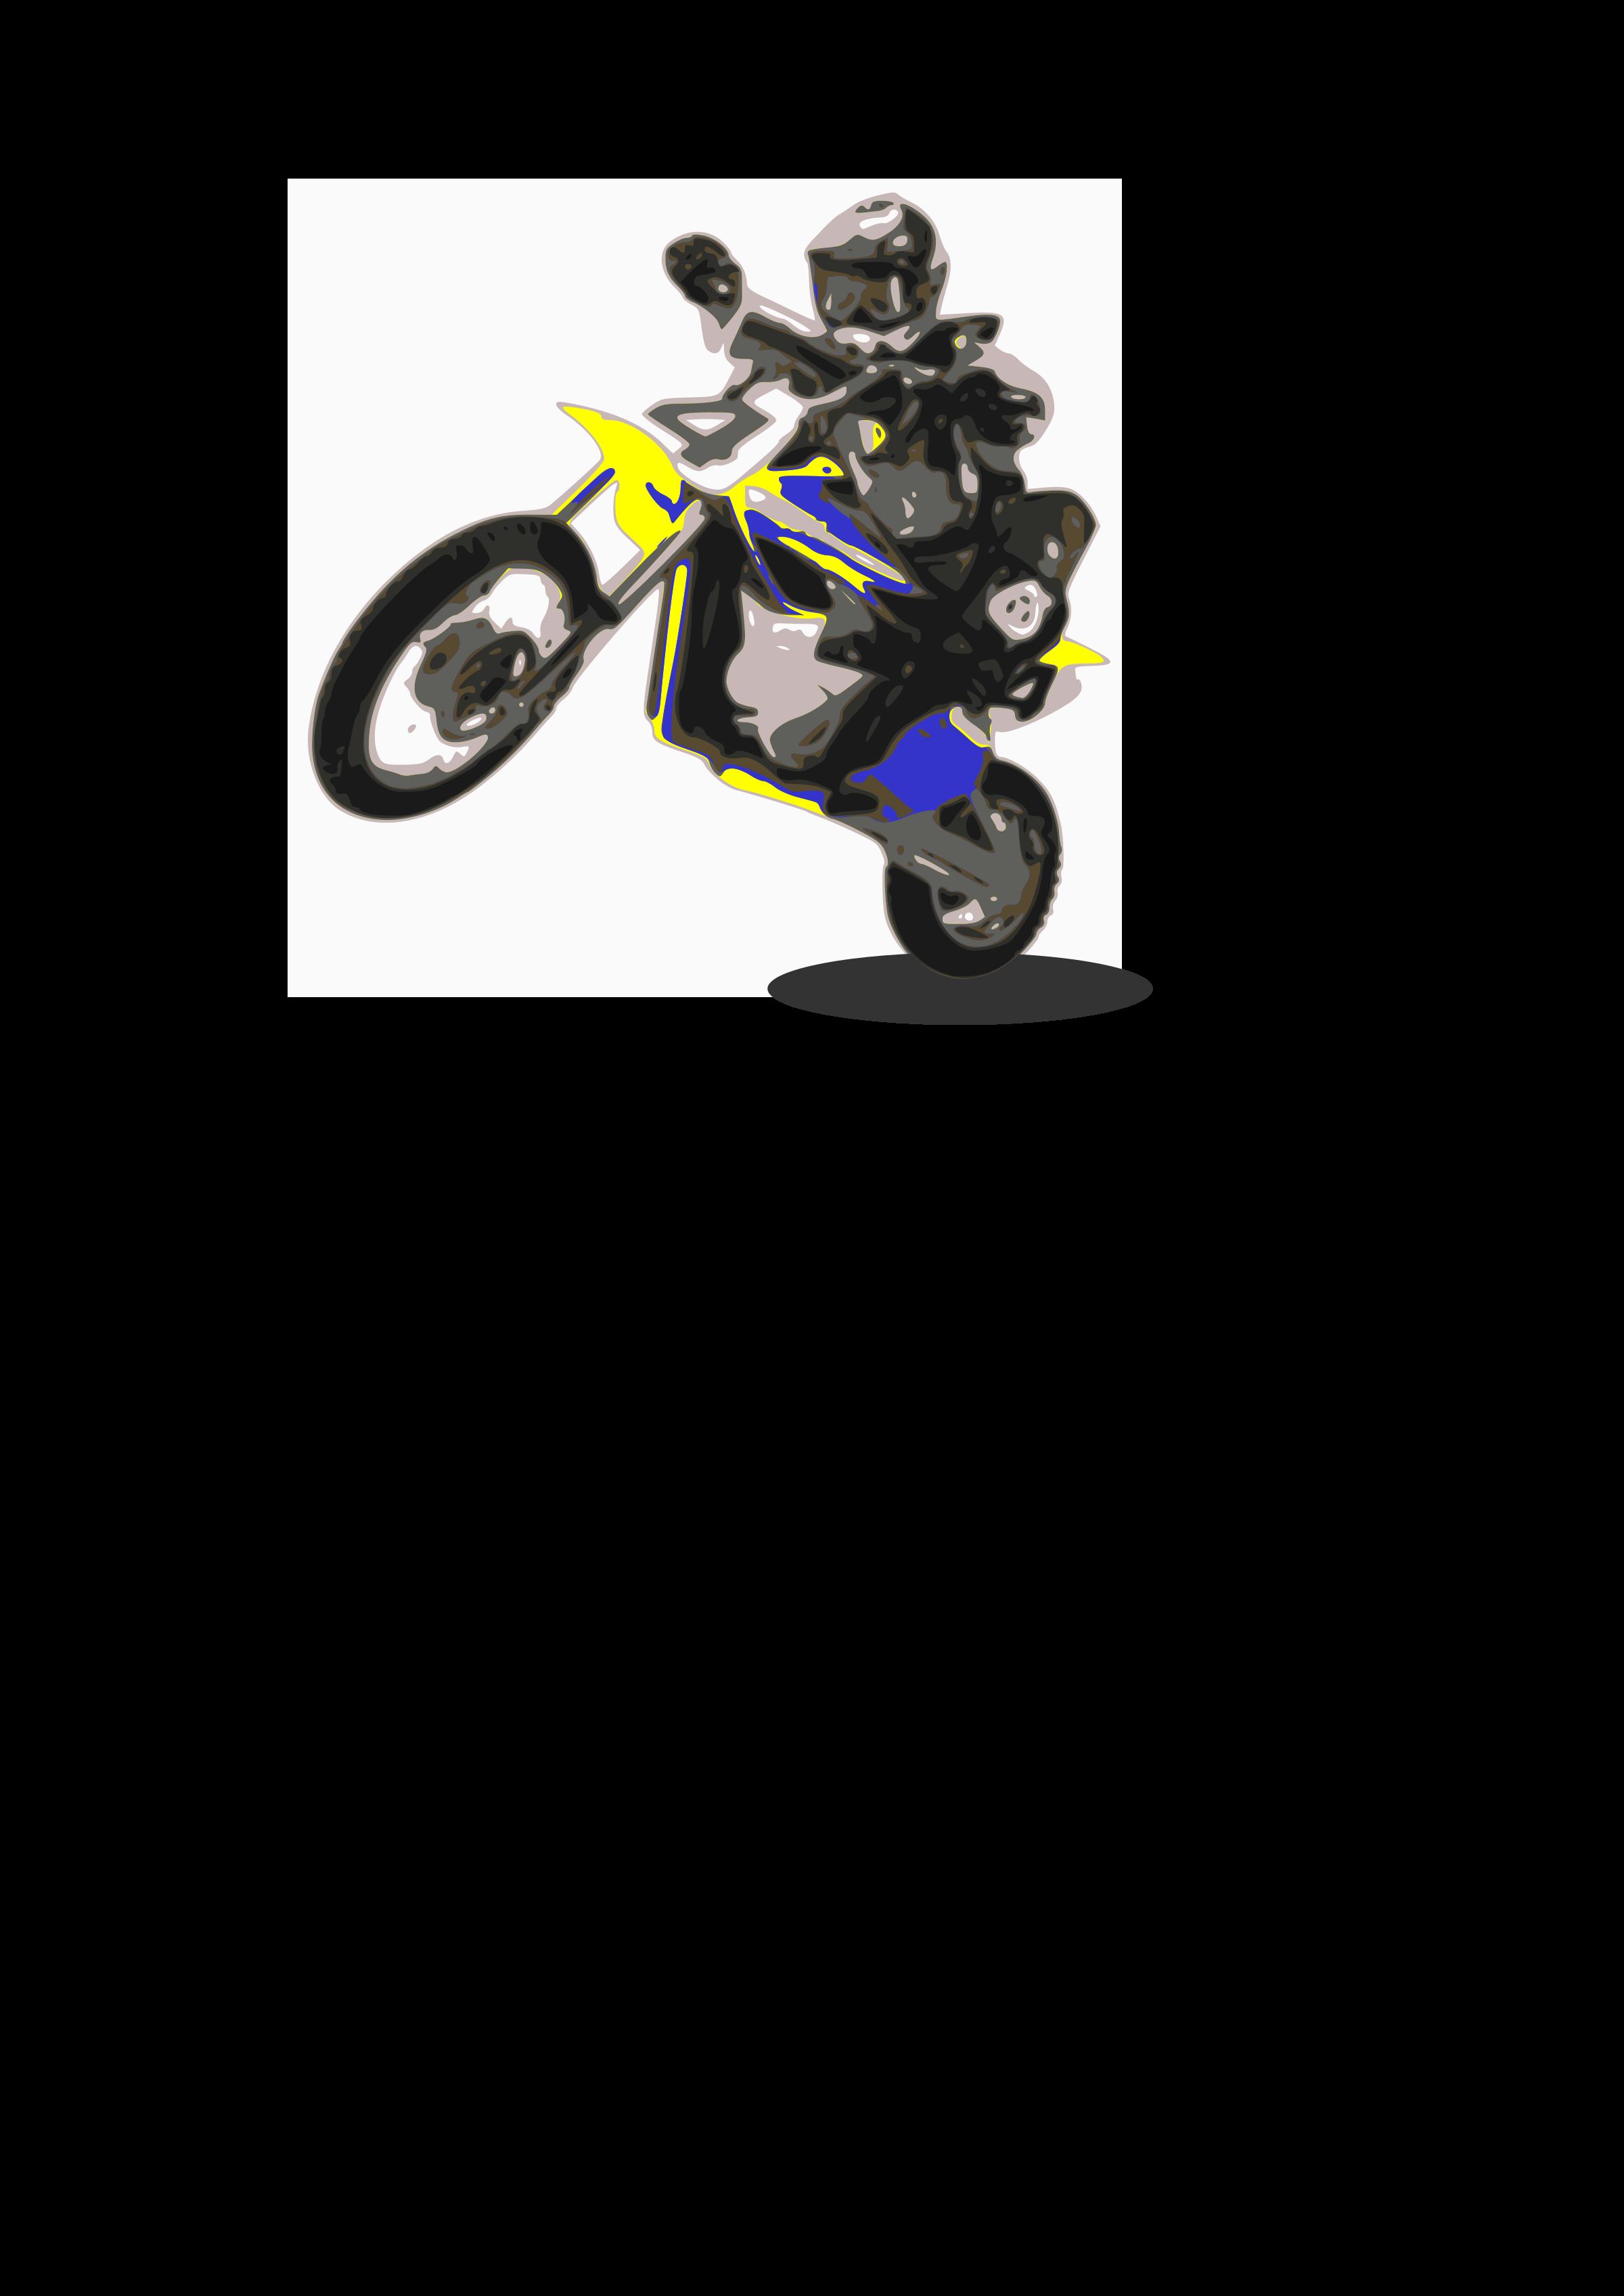 Clipart bike dirt bike. Dirtbike big image png